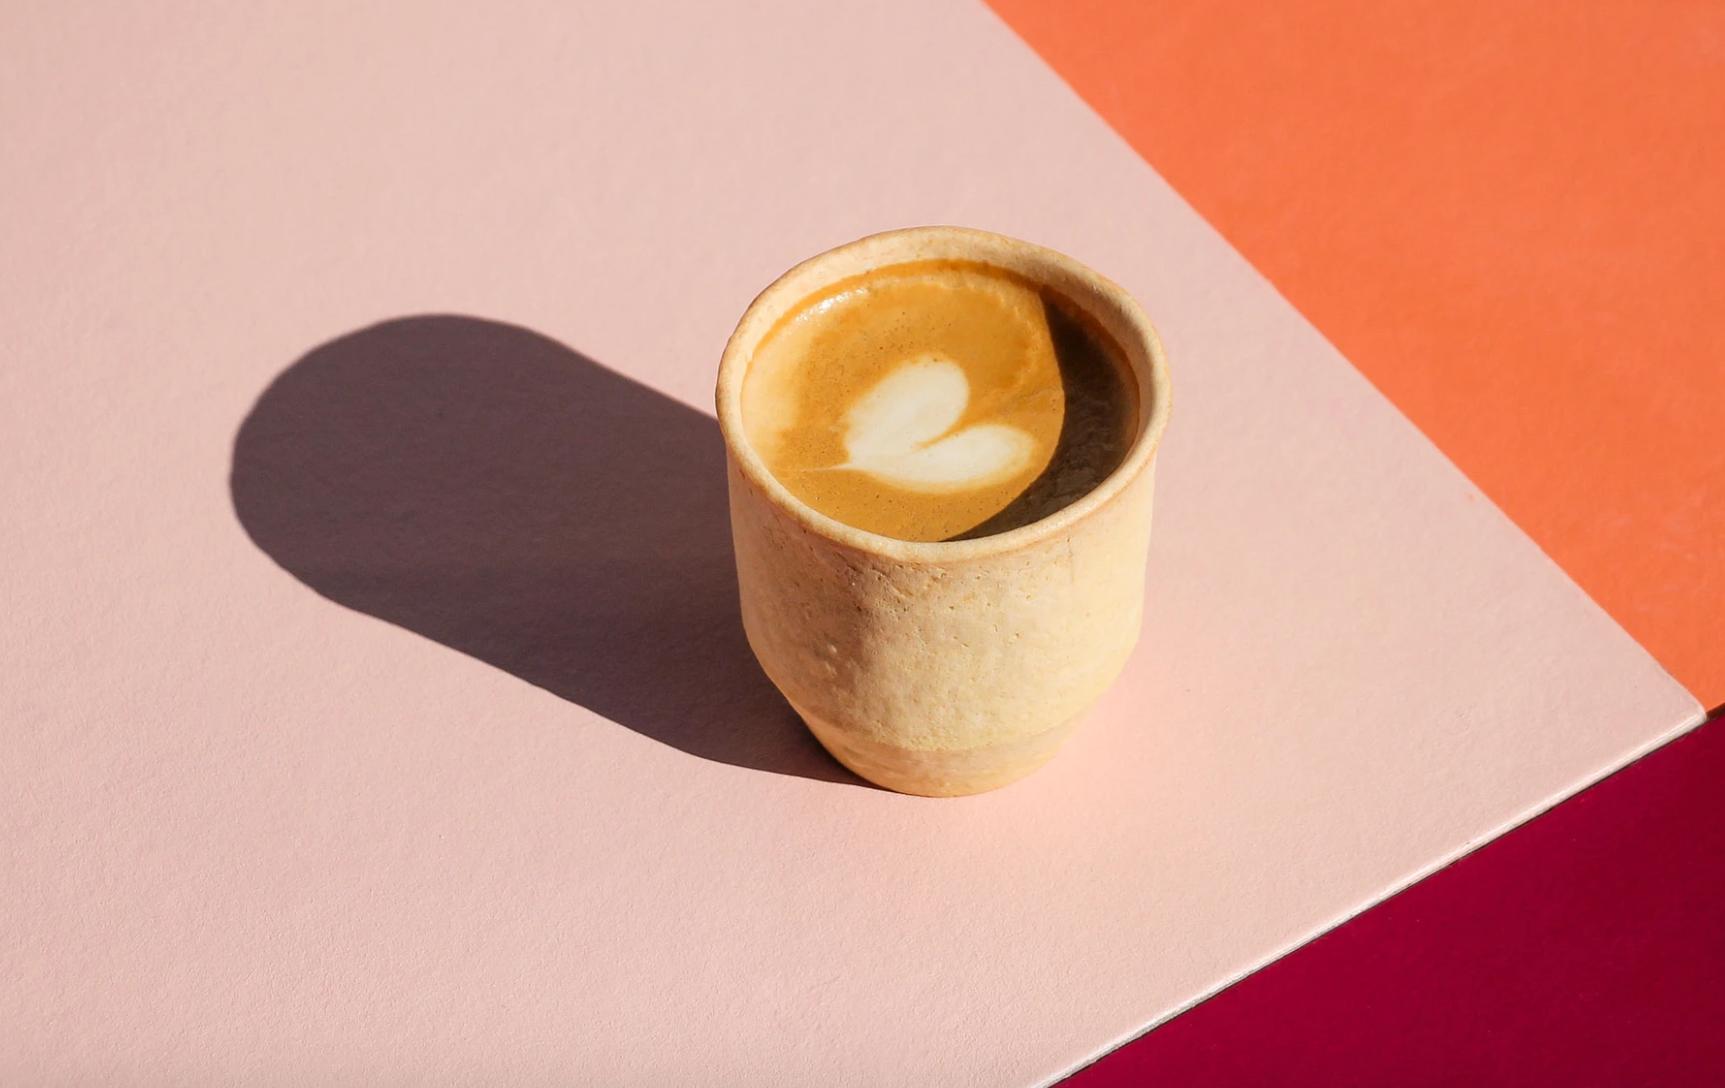 Nom Nom Nom: Edible Cups Make for a Tastier Drink